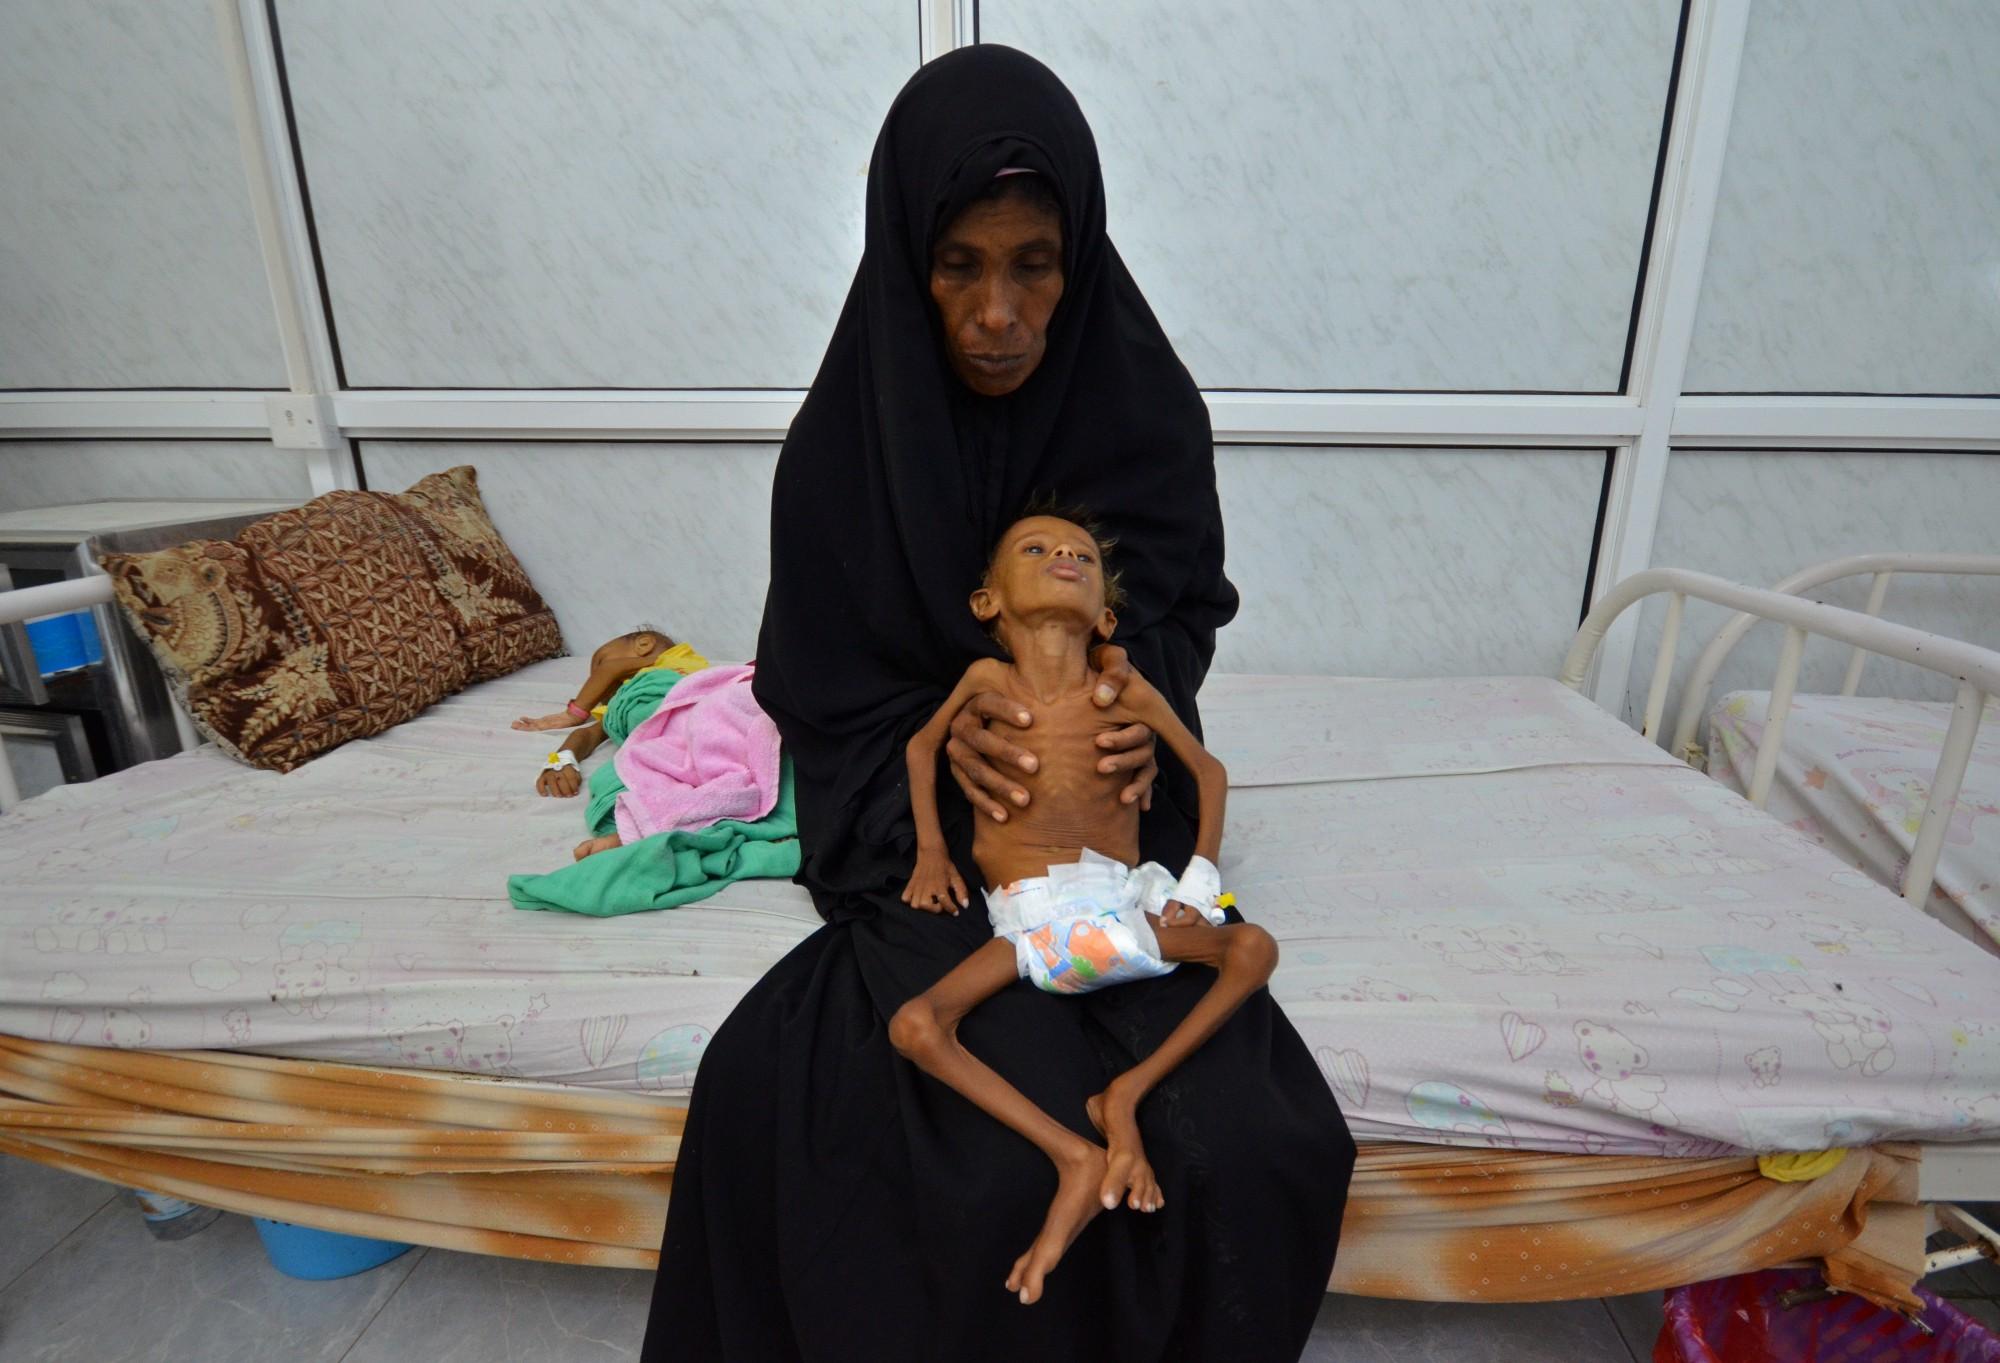 Жительница Йемена держит на руках истощенного малыша